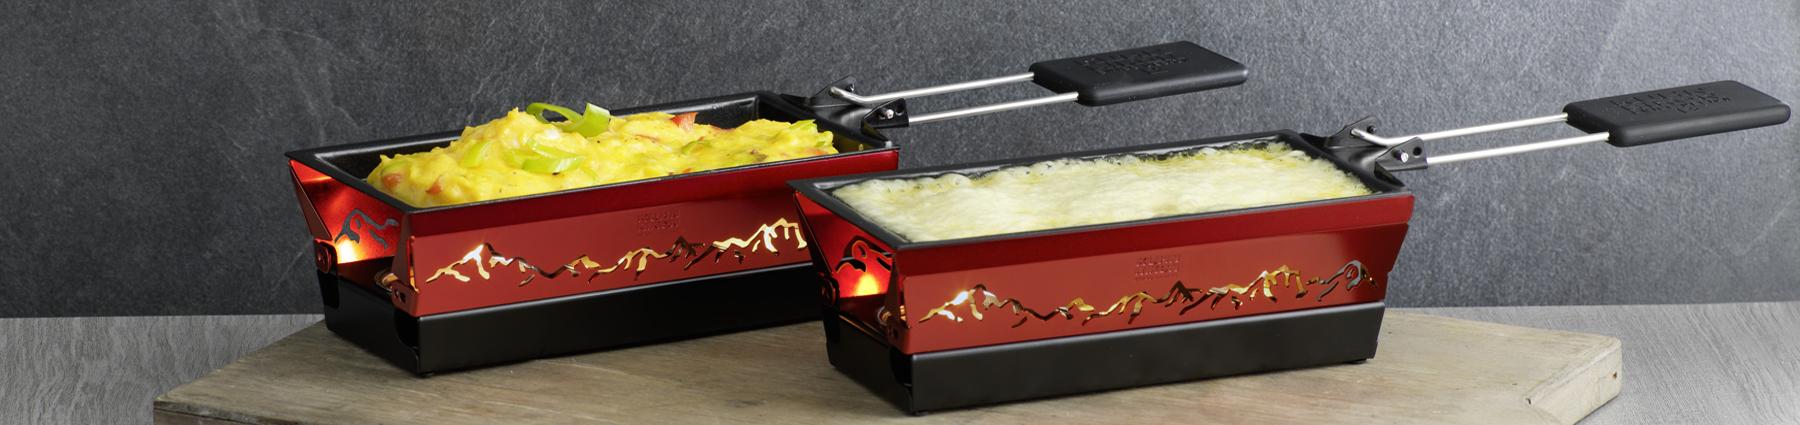 Raclette Sets